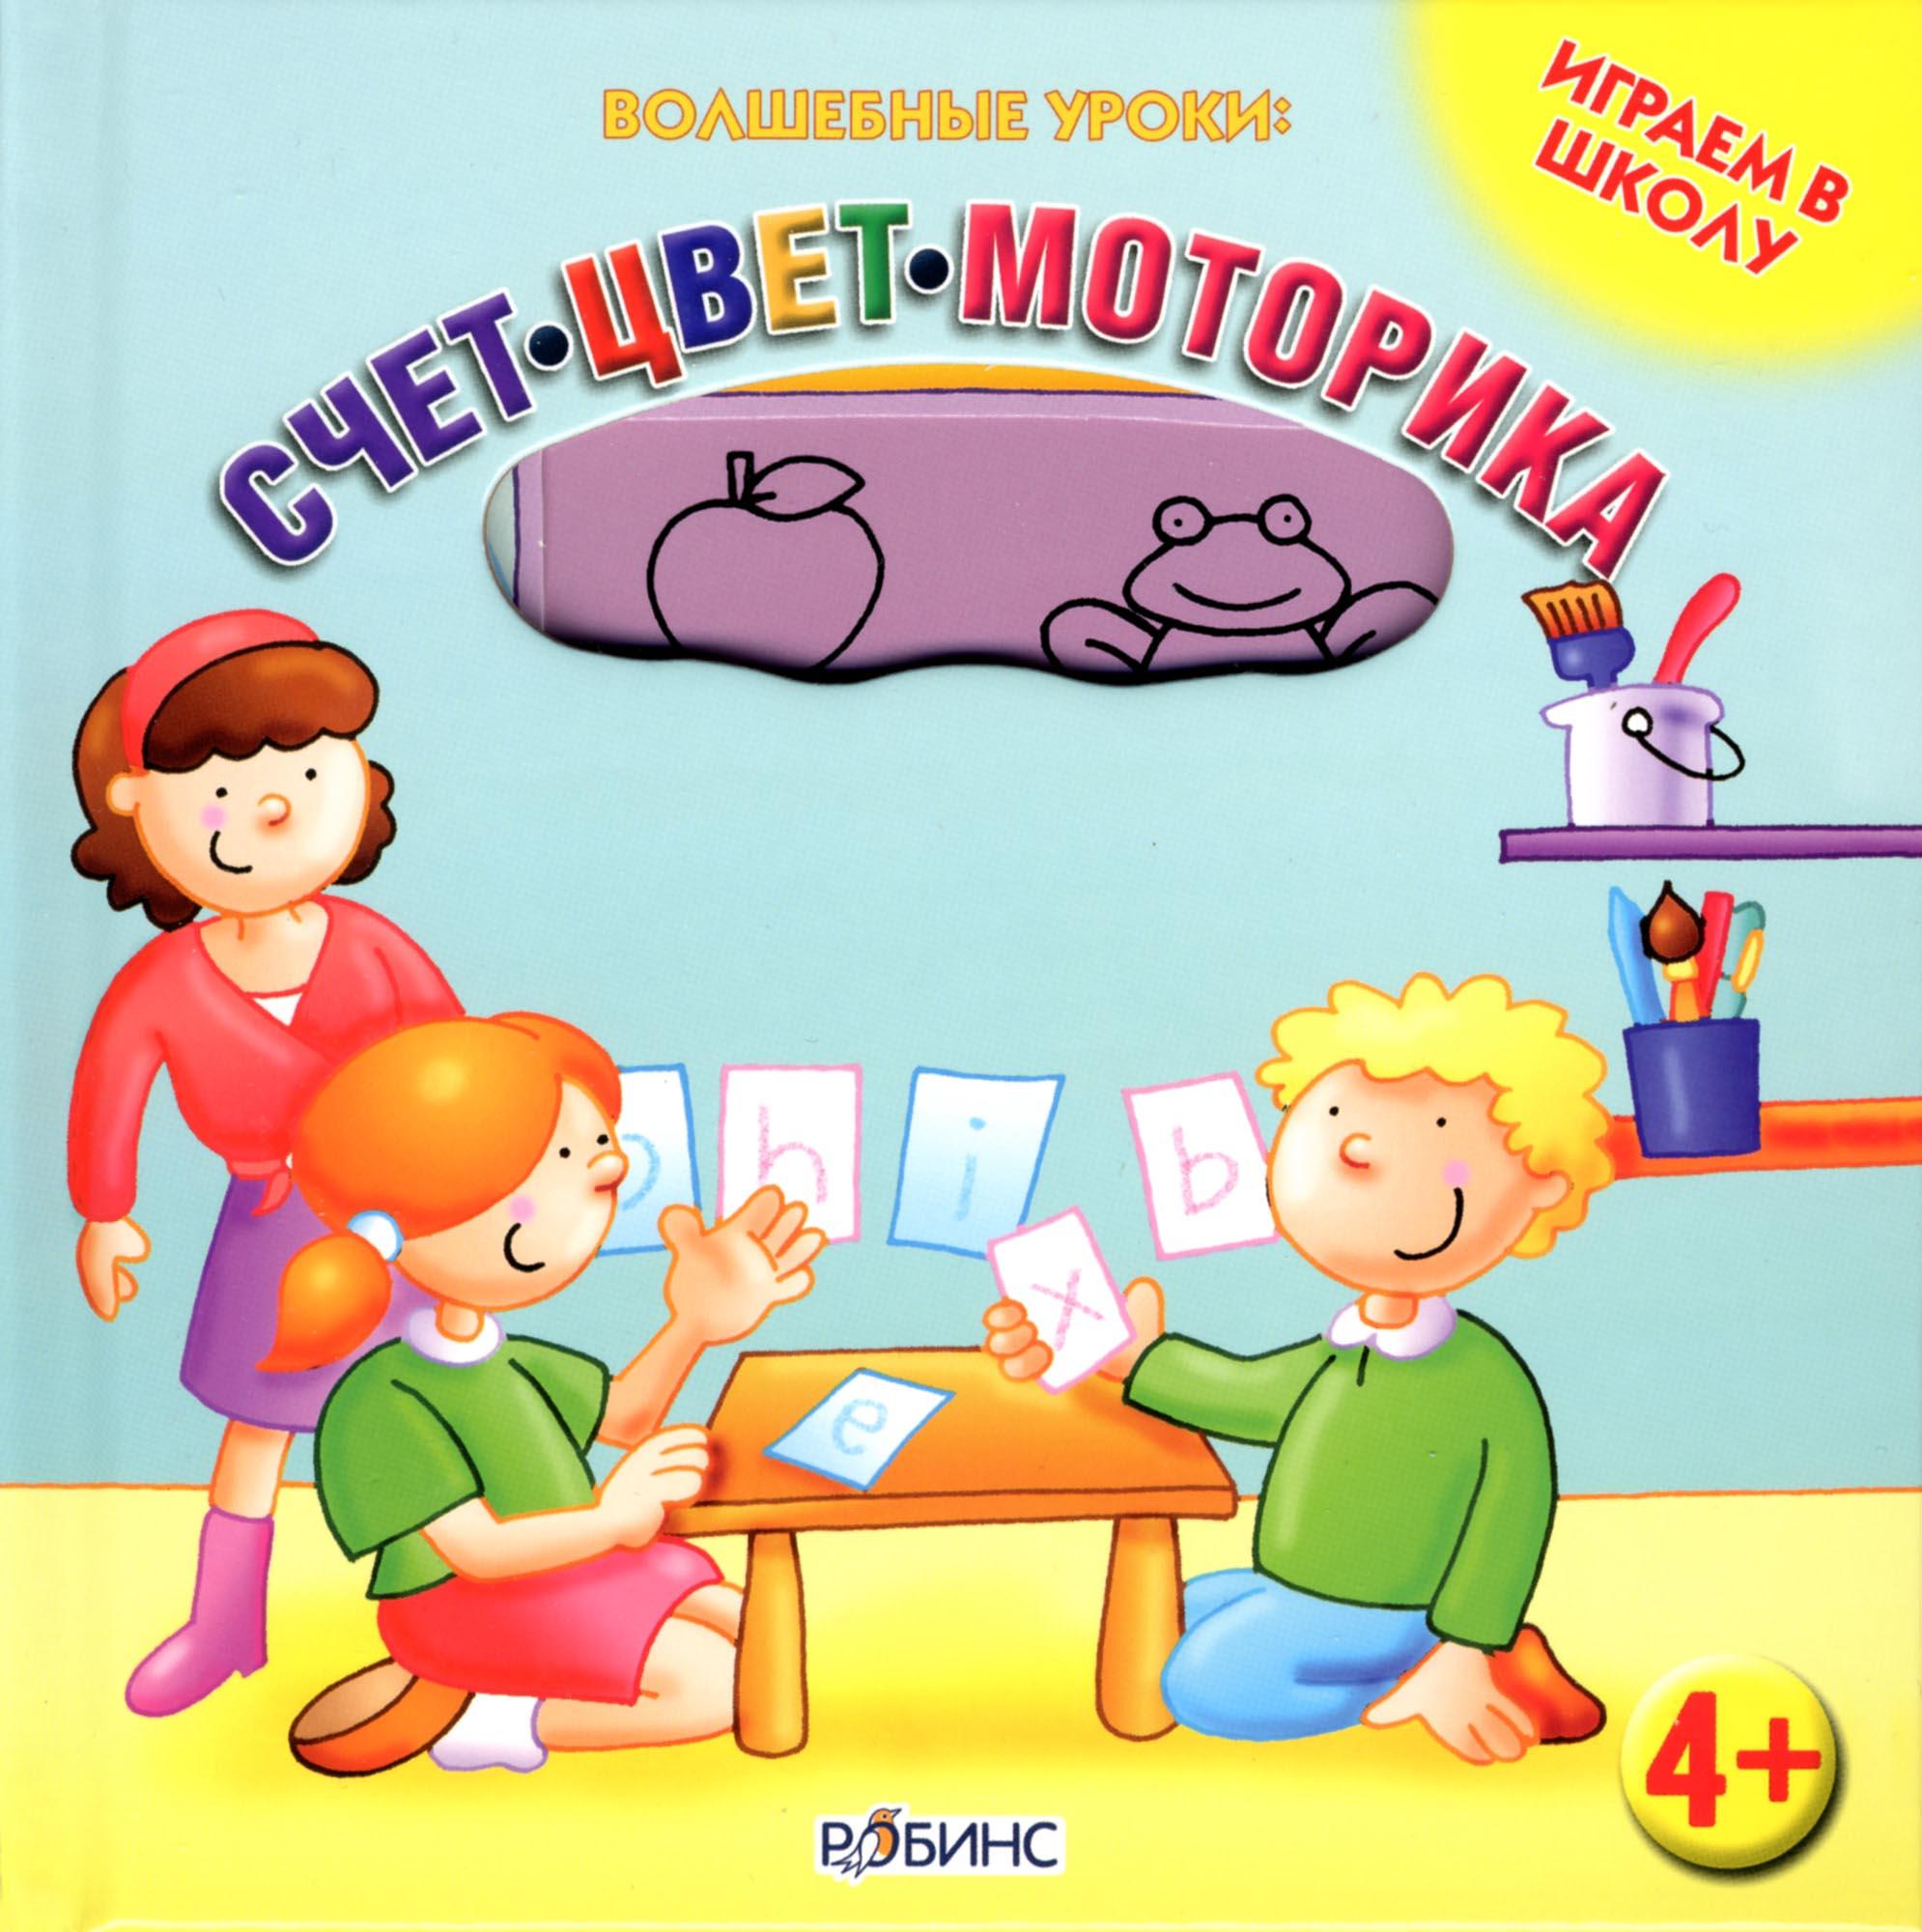 Книга «Играем в школу. Счет, цвет, моторика»Обучающие книги<br>Книга «Играем в школу. Счет, цвет, моторика»<br>